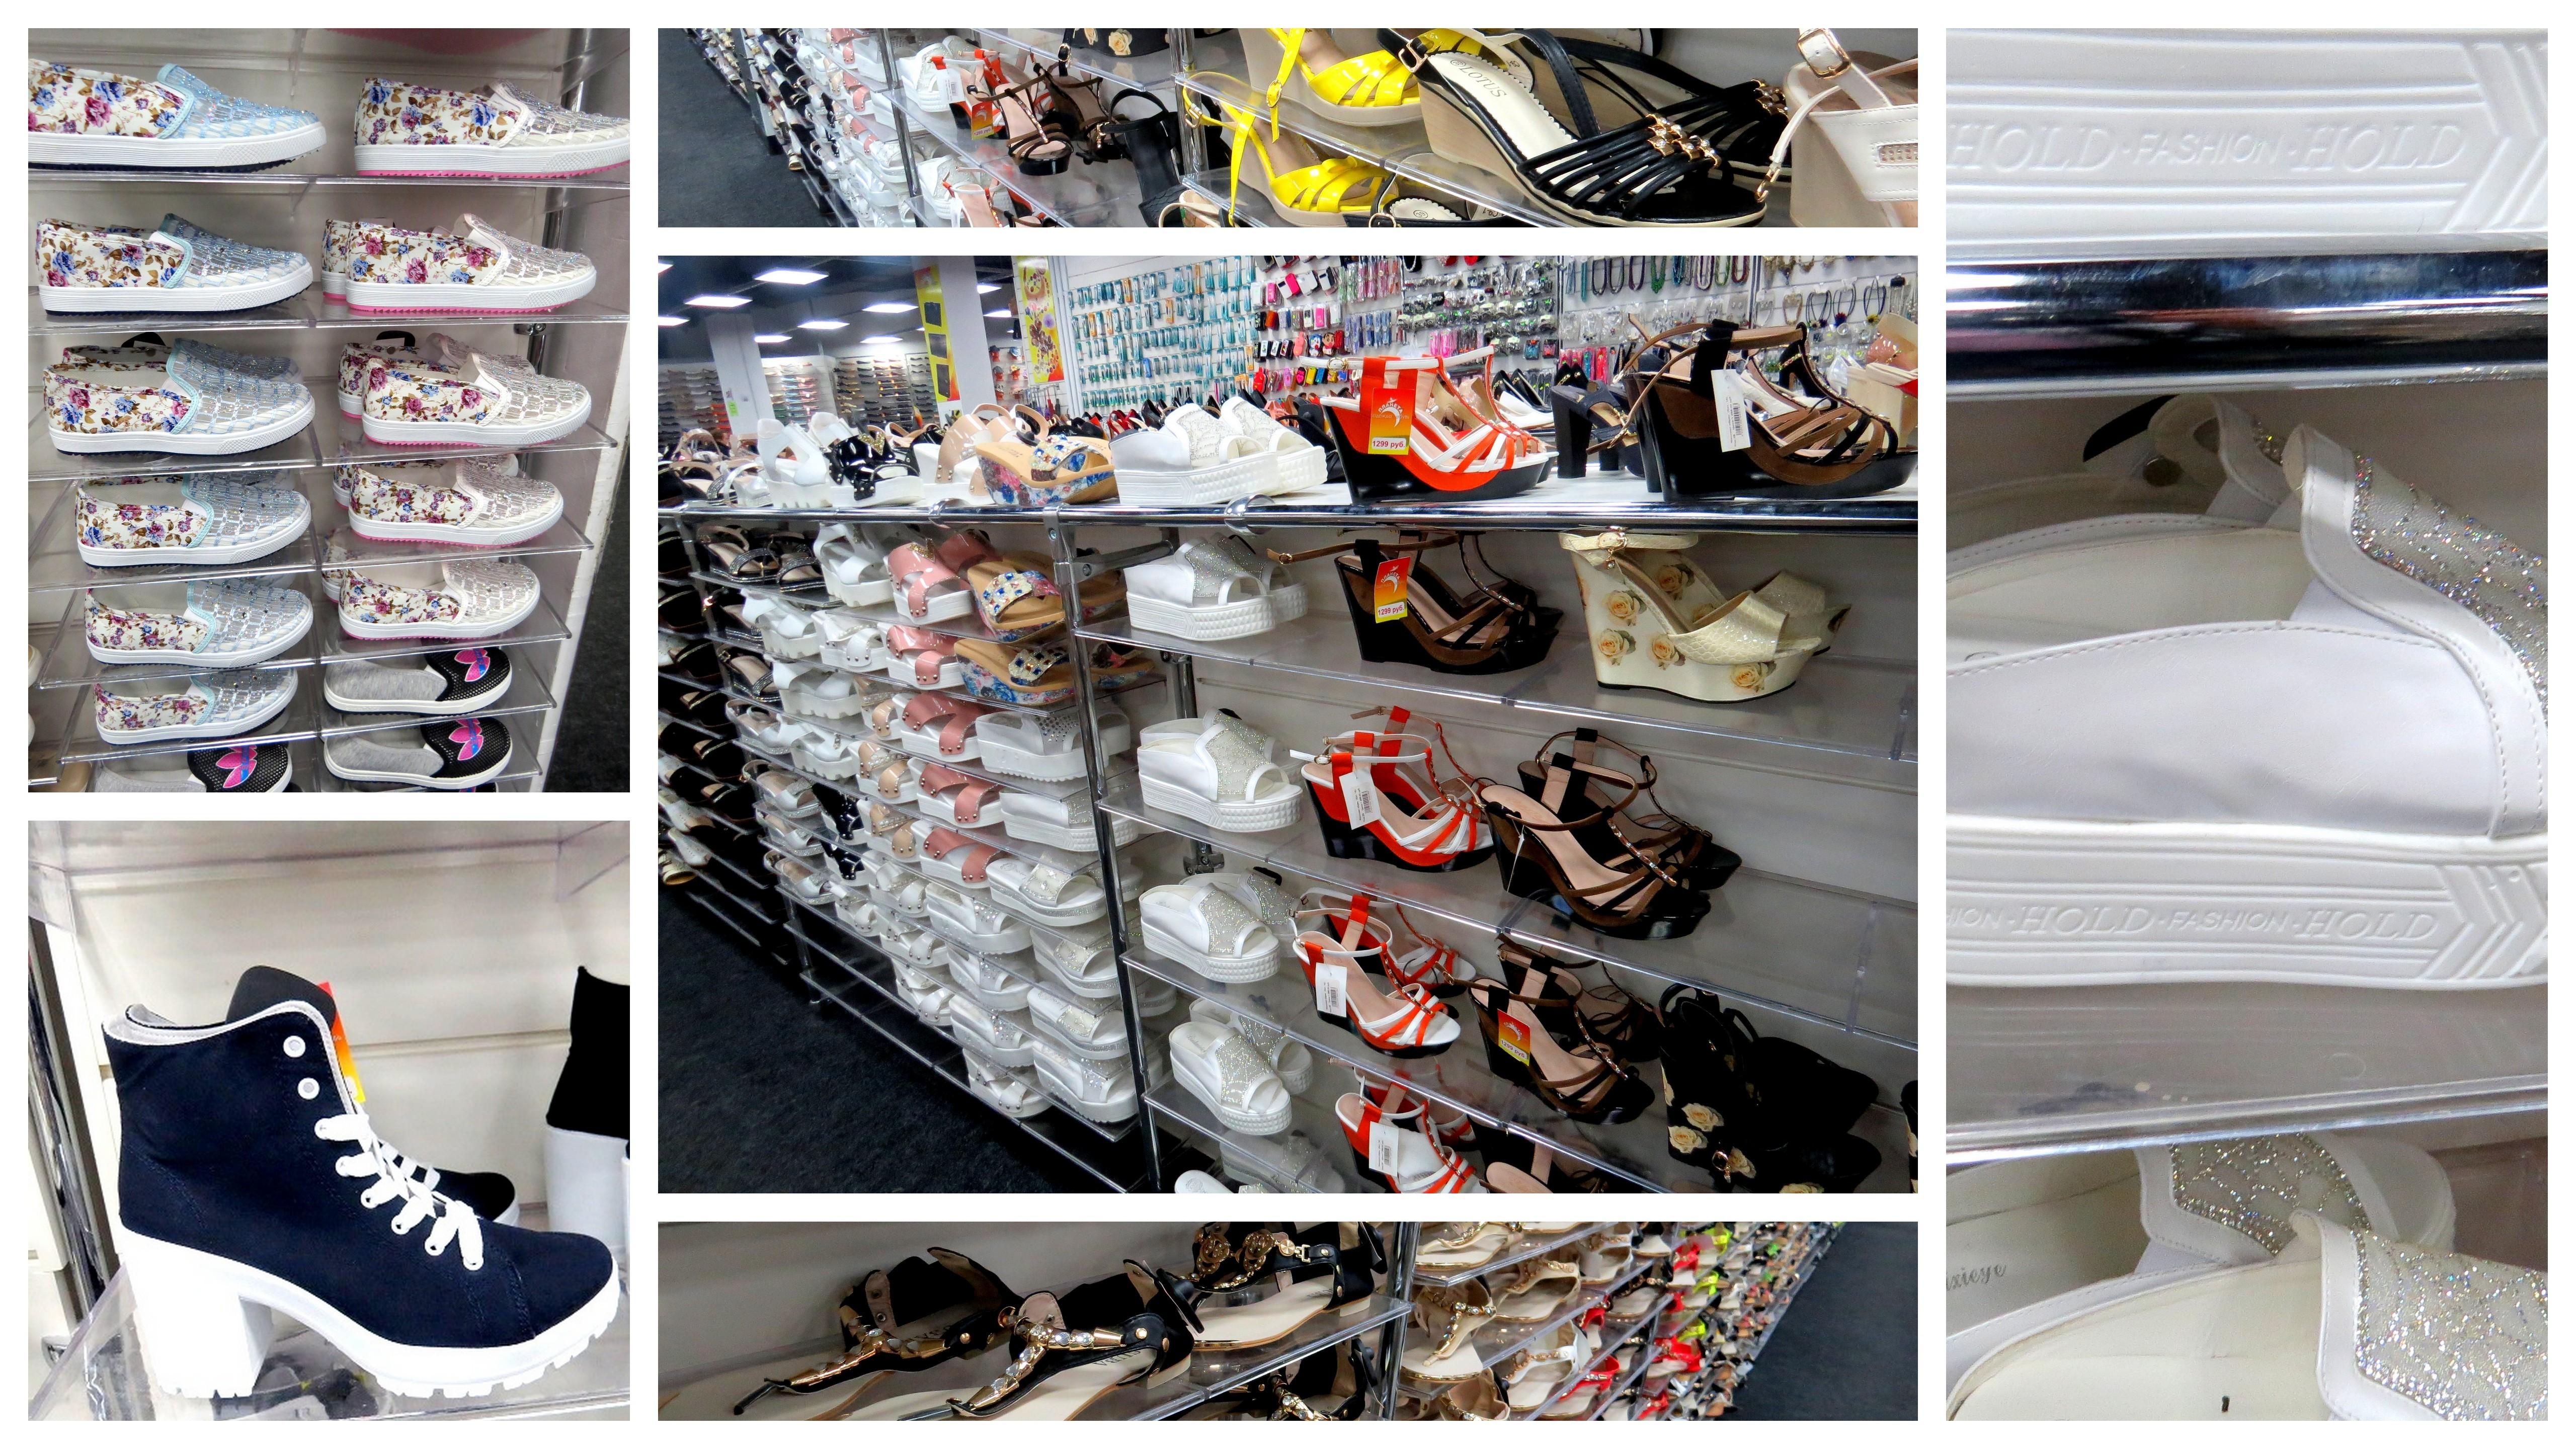 d16d6d42c Кроме того, в магазине «Планета одежда обувь» новое поступление модной  обуви: здесь вы найдете, и популярные кеды на каблуке, и босоножки на  ровной ...